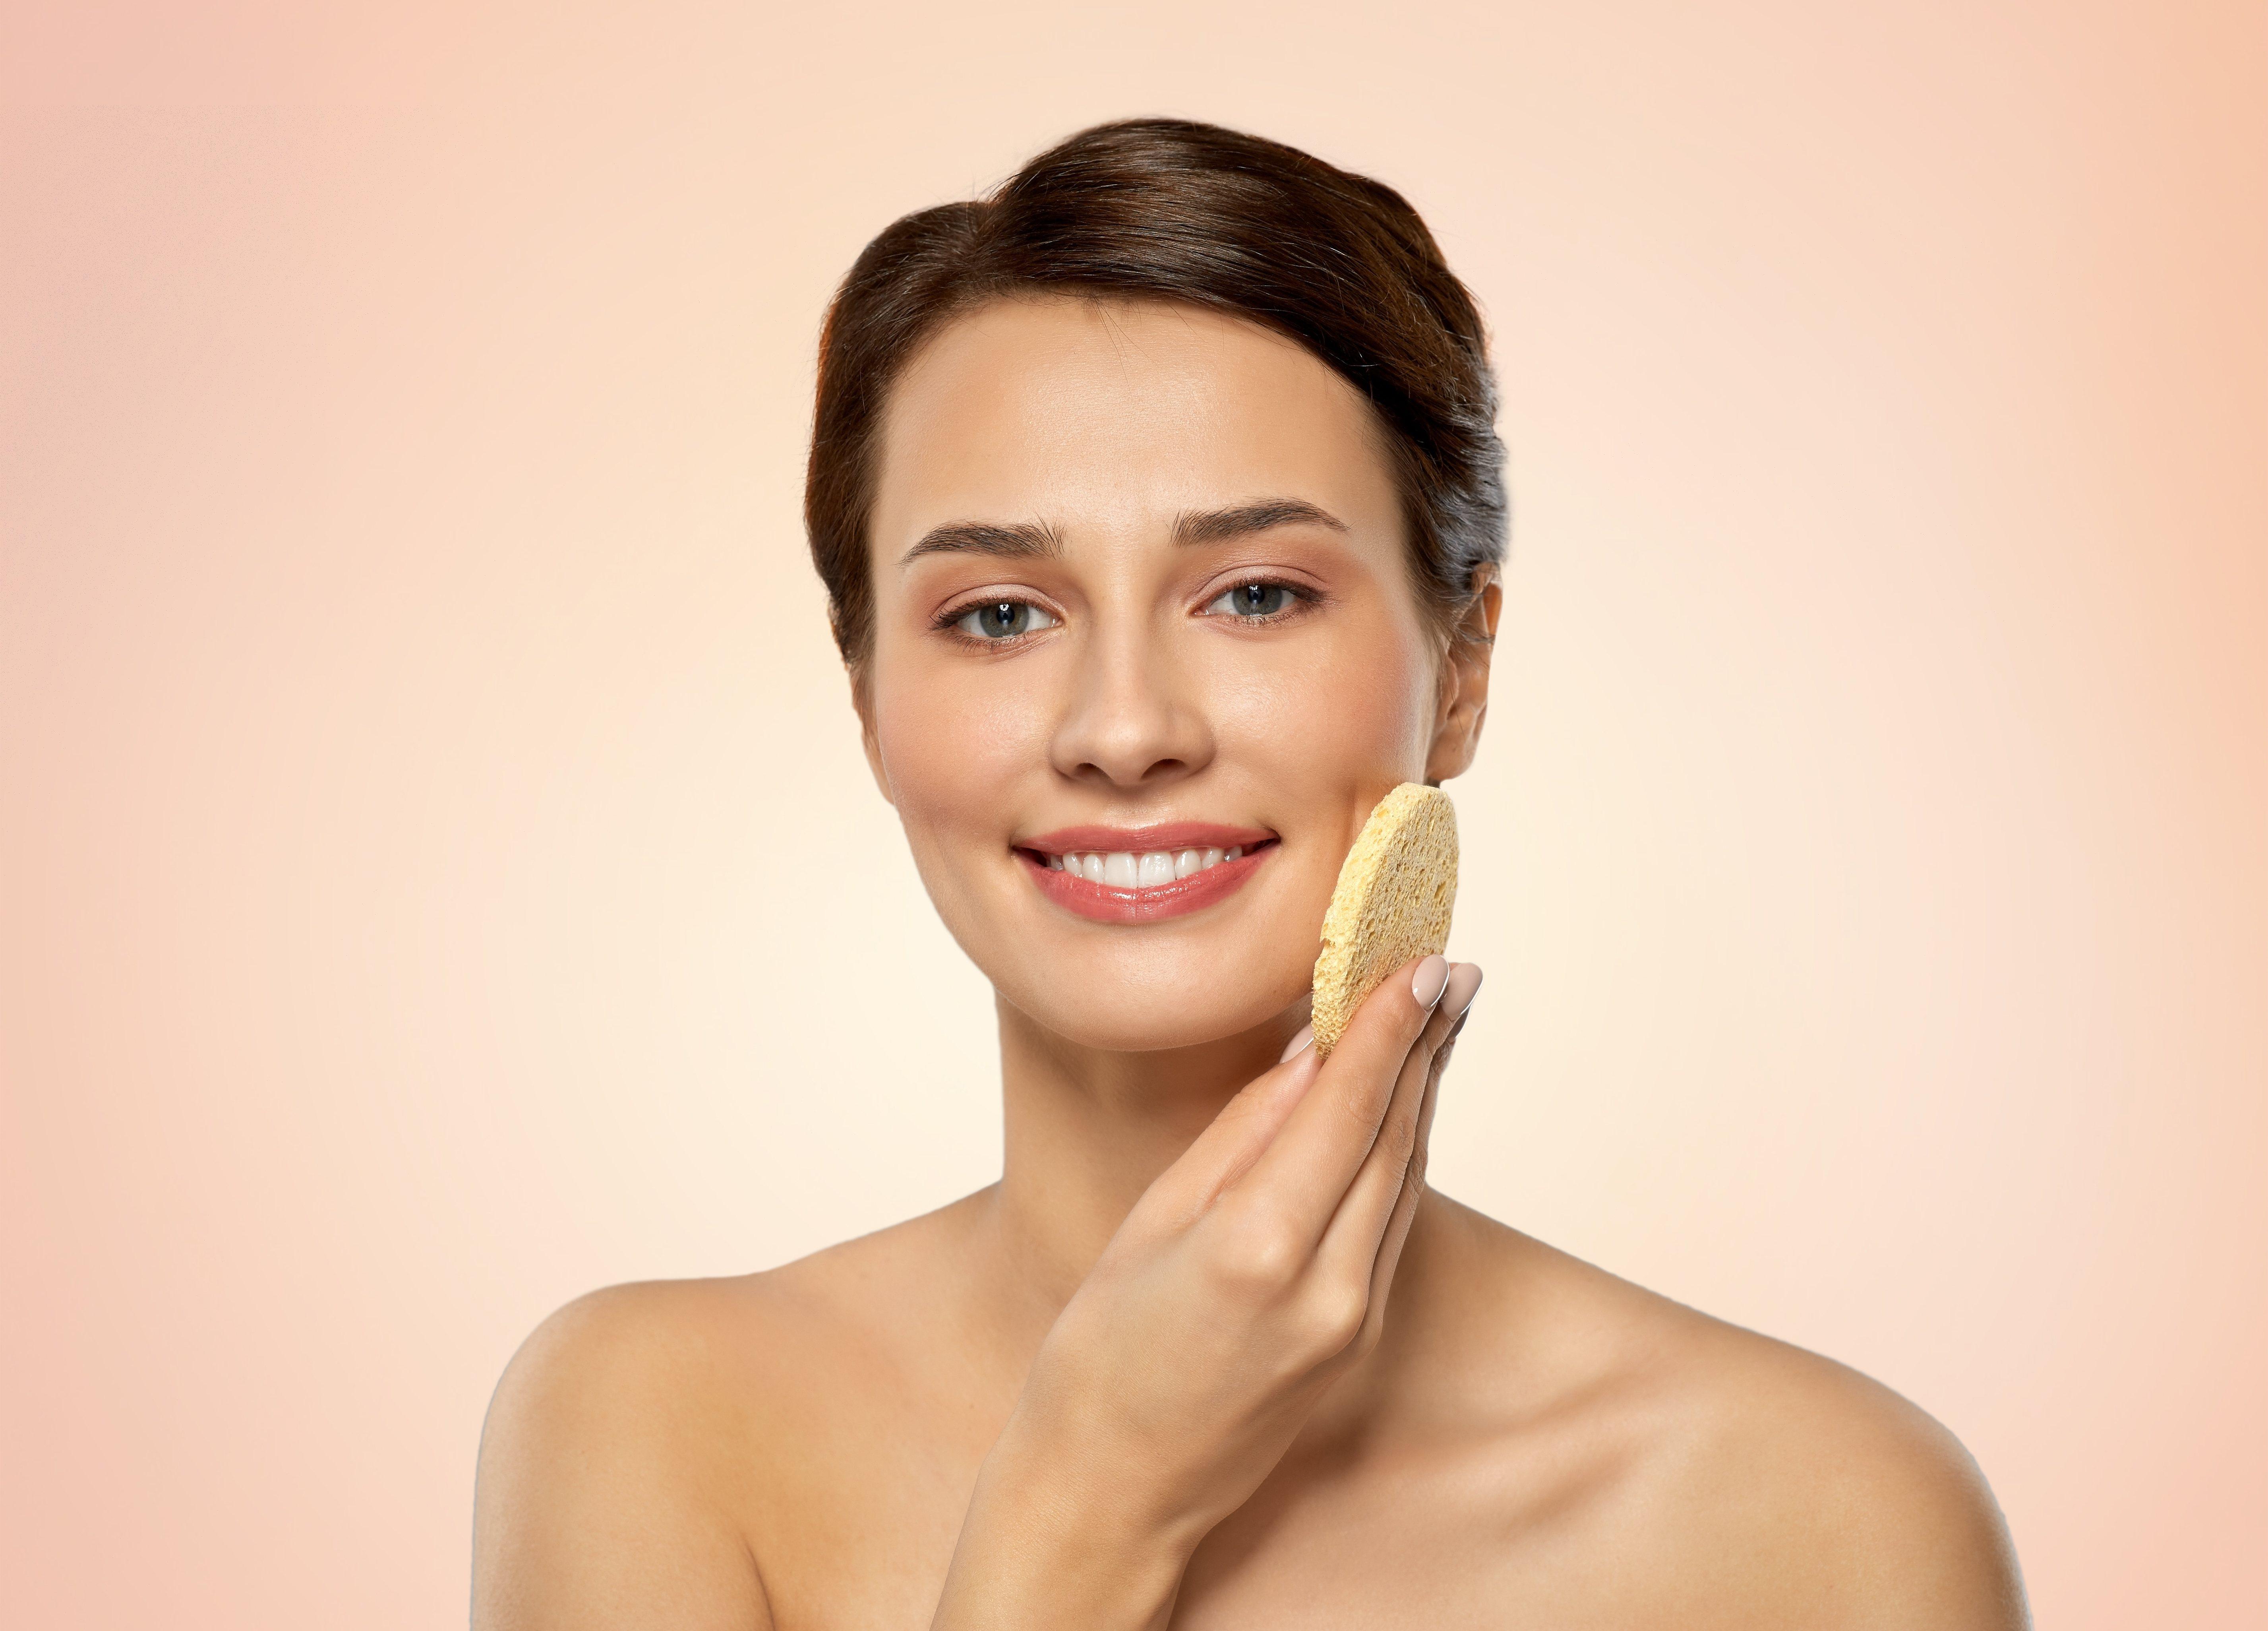 Esponja para la piel perfecta